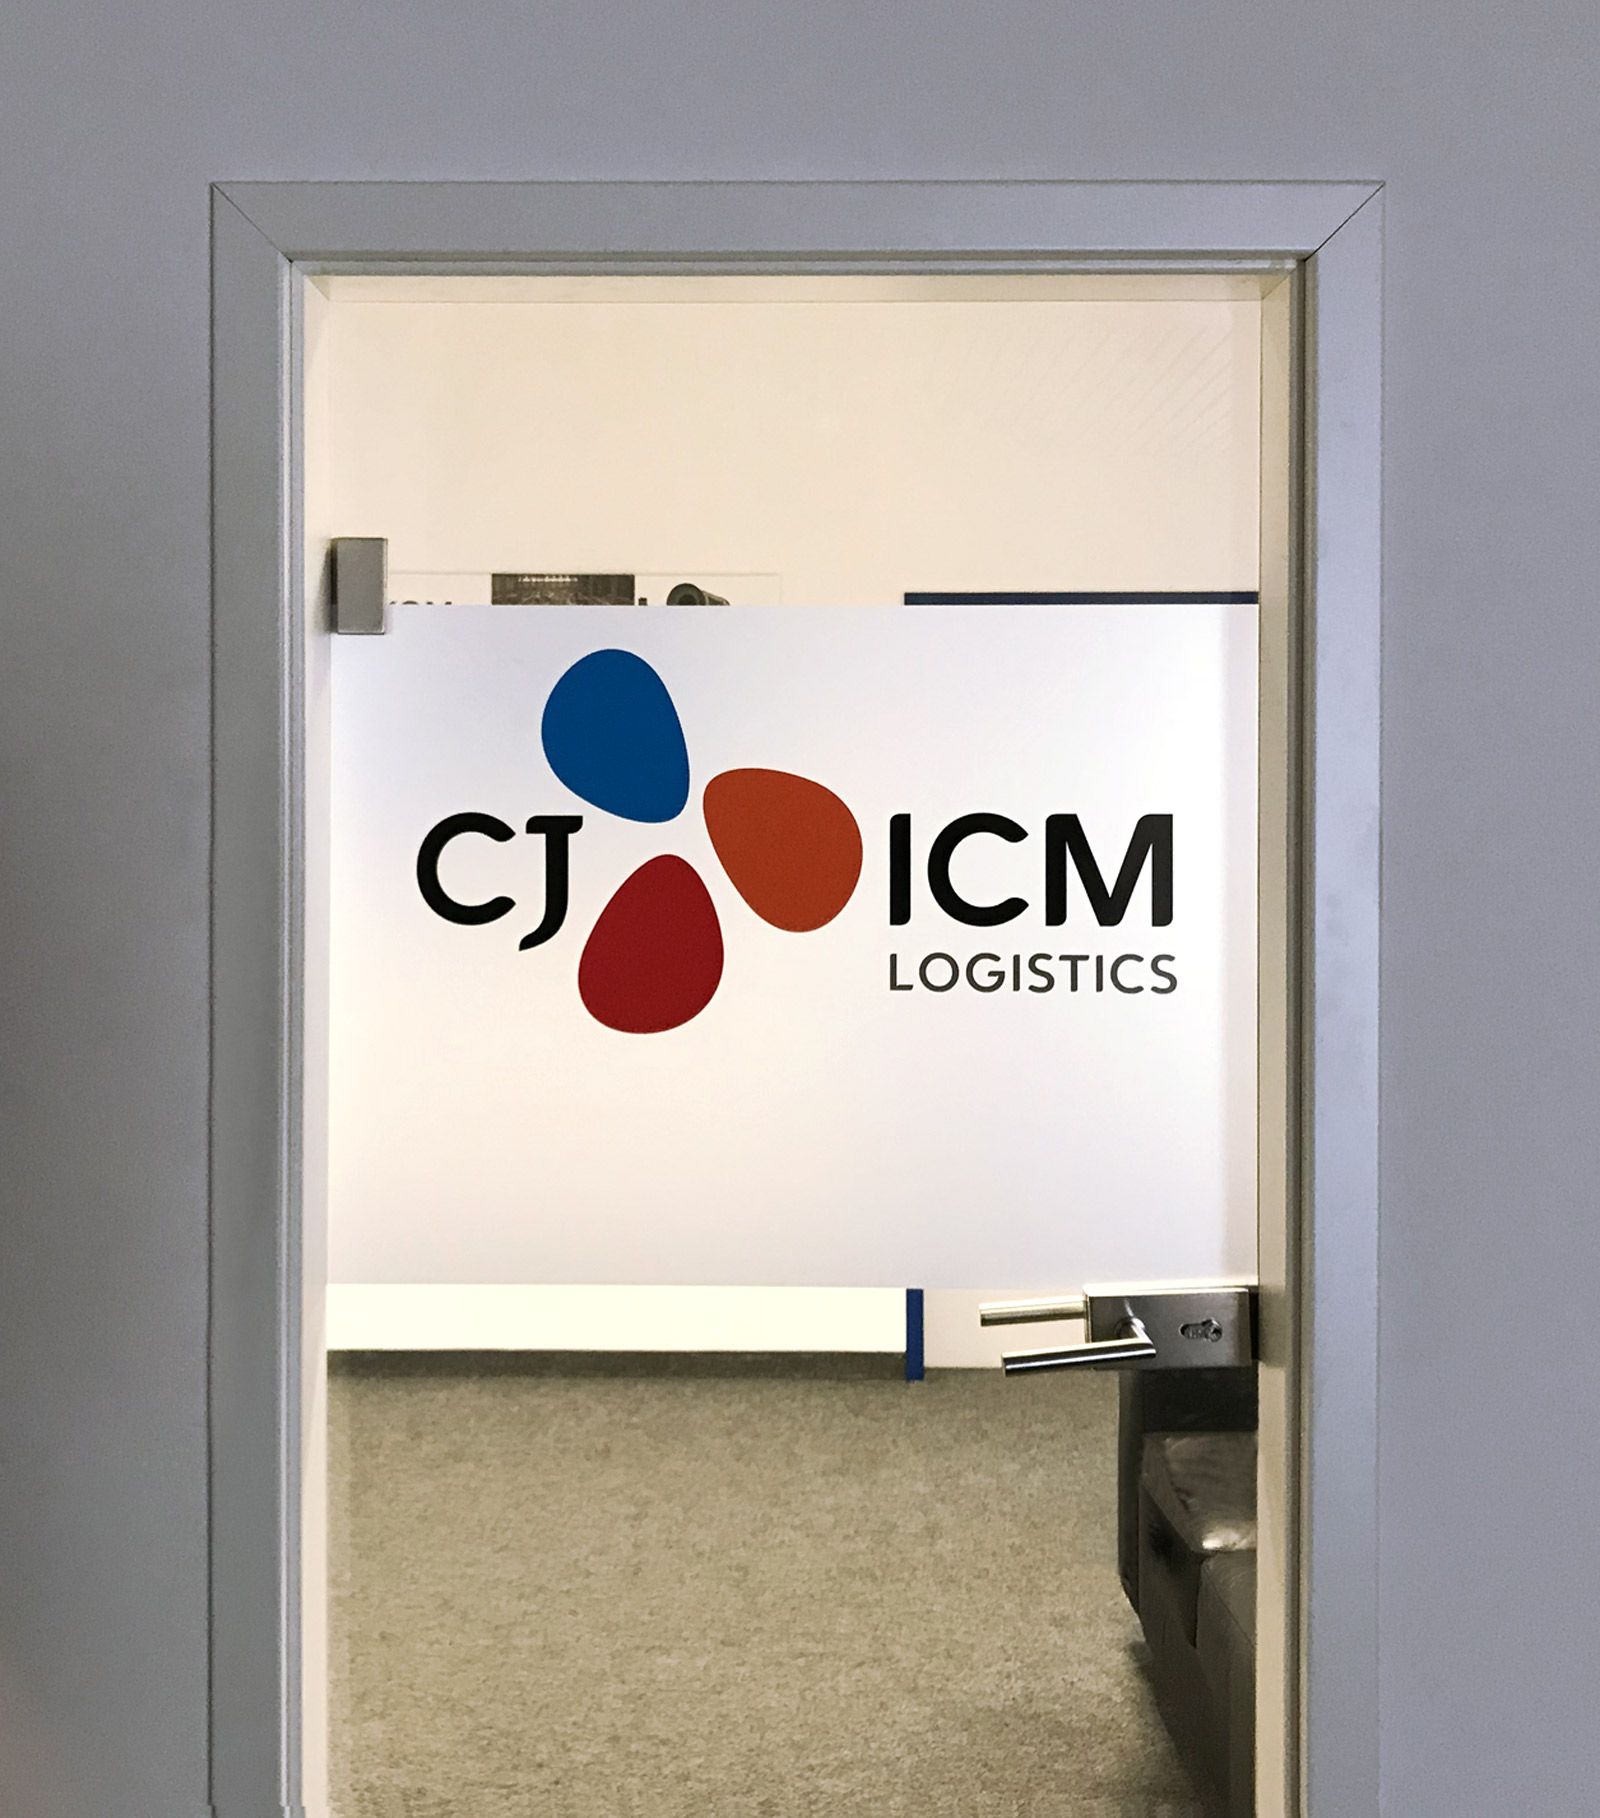 Sichtschutz Mit Logo Cj Icm Logistics Focus